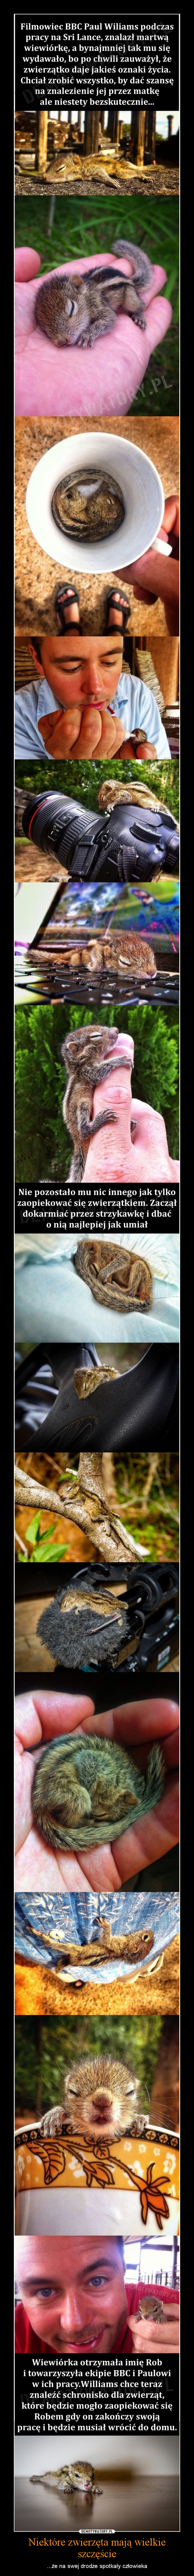 Niektóre zwierzęta mają wielkie szczęście – ...że na swej drodze spotkały człowieka